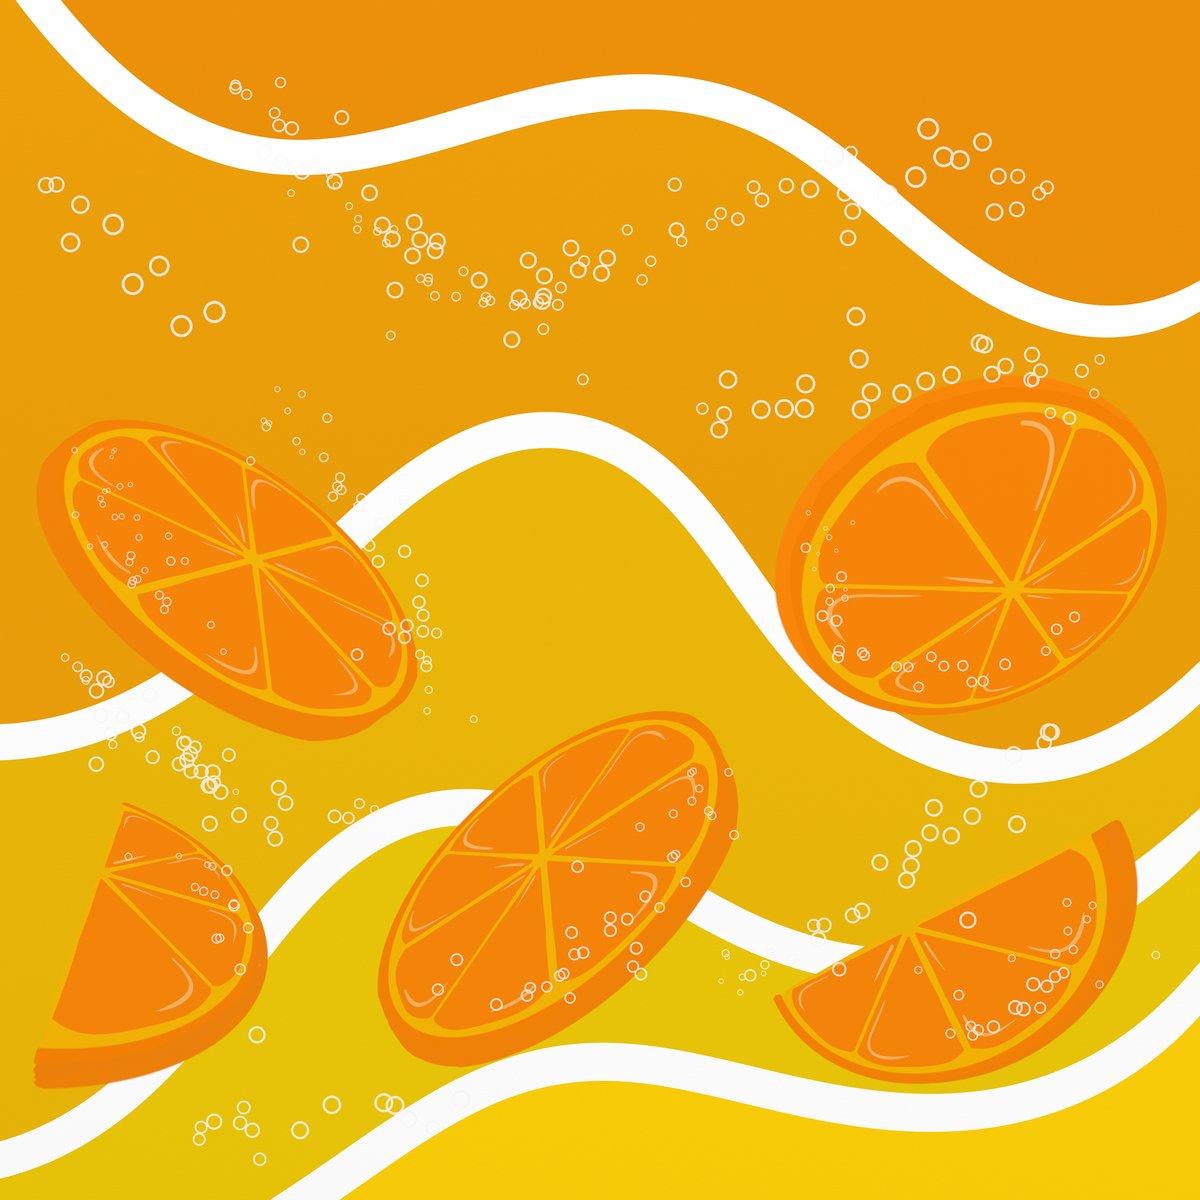 Свежевыжатый апельсиновый сок, 20x20 см, на бумагеФрукты<br>Постер на холсте или бумаге. Любого нужного вам размера. В раме или без. Подвес в комплекте. Трехслойная надежная упаковка. Доставим в любую точку России. Вам осталось только повесить картину на стену!<br>